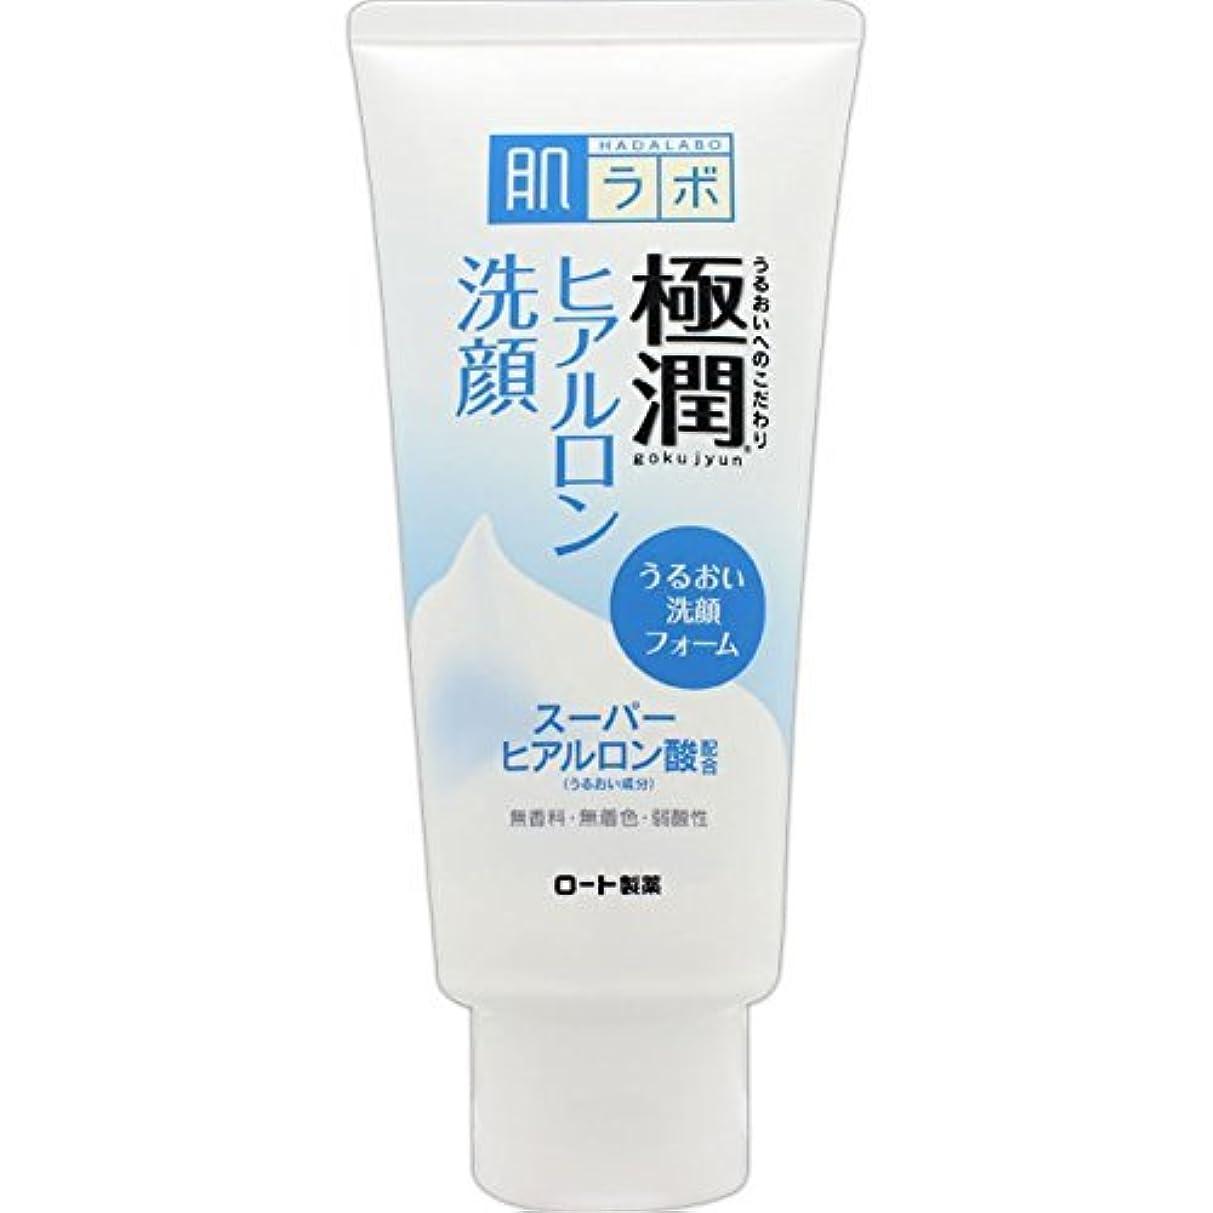 南アメリカホステスメイエラ肌ラボ 極潤 ヒアルロン洗顔フォーム 100g